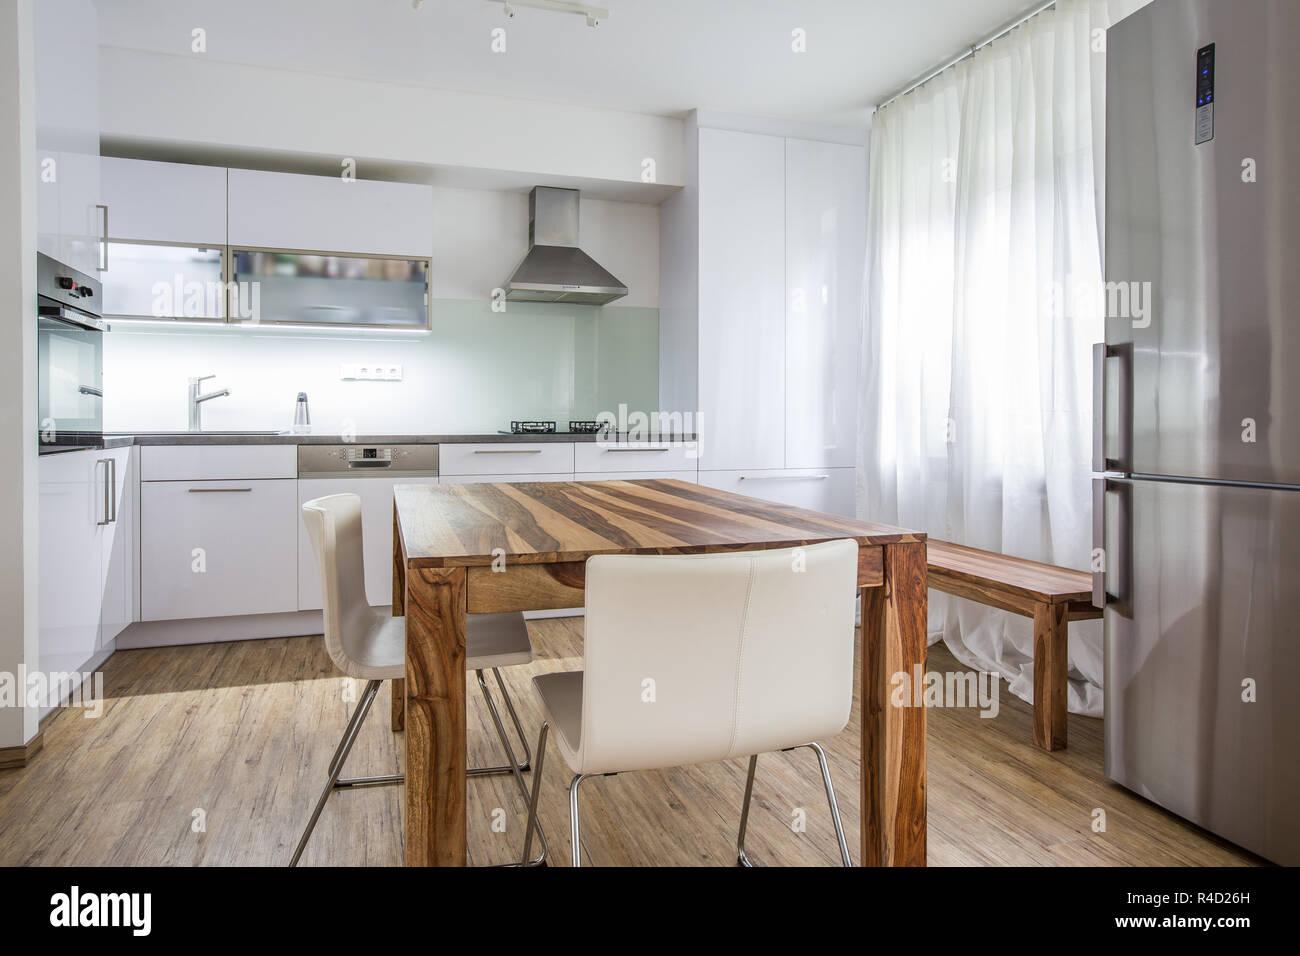 Cucina Moderna Interior Design Architettura Magazzino L Immagine La